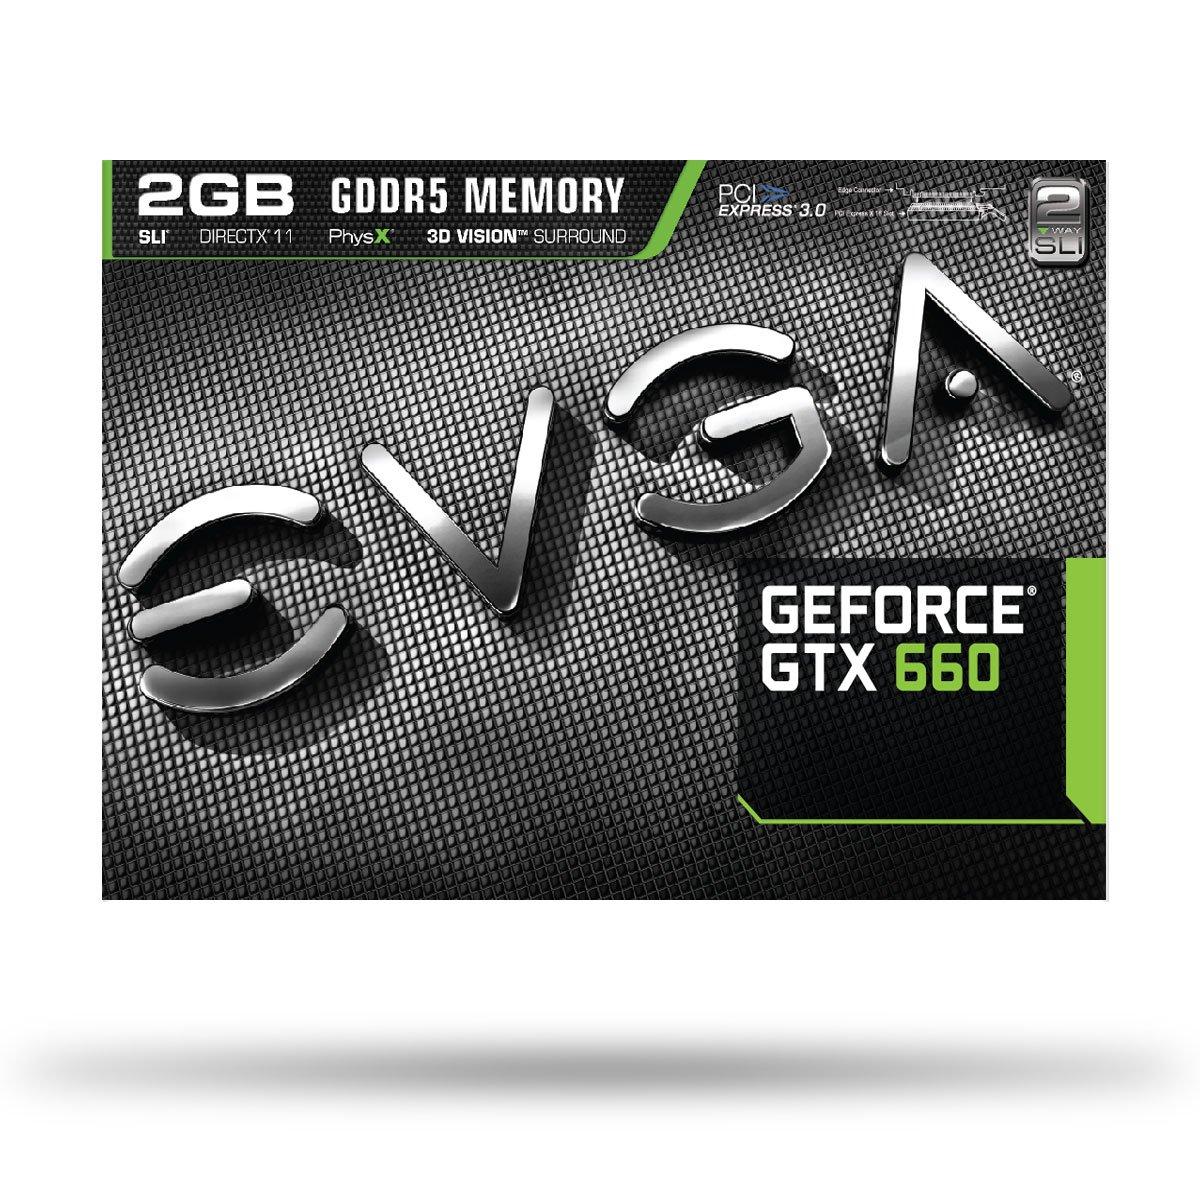 Amazon.com: GeForce GTX 660 – grafikkarten – gf GTX 660 ...